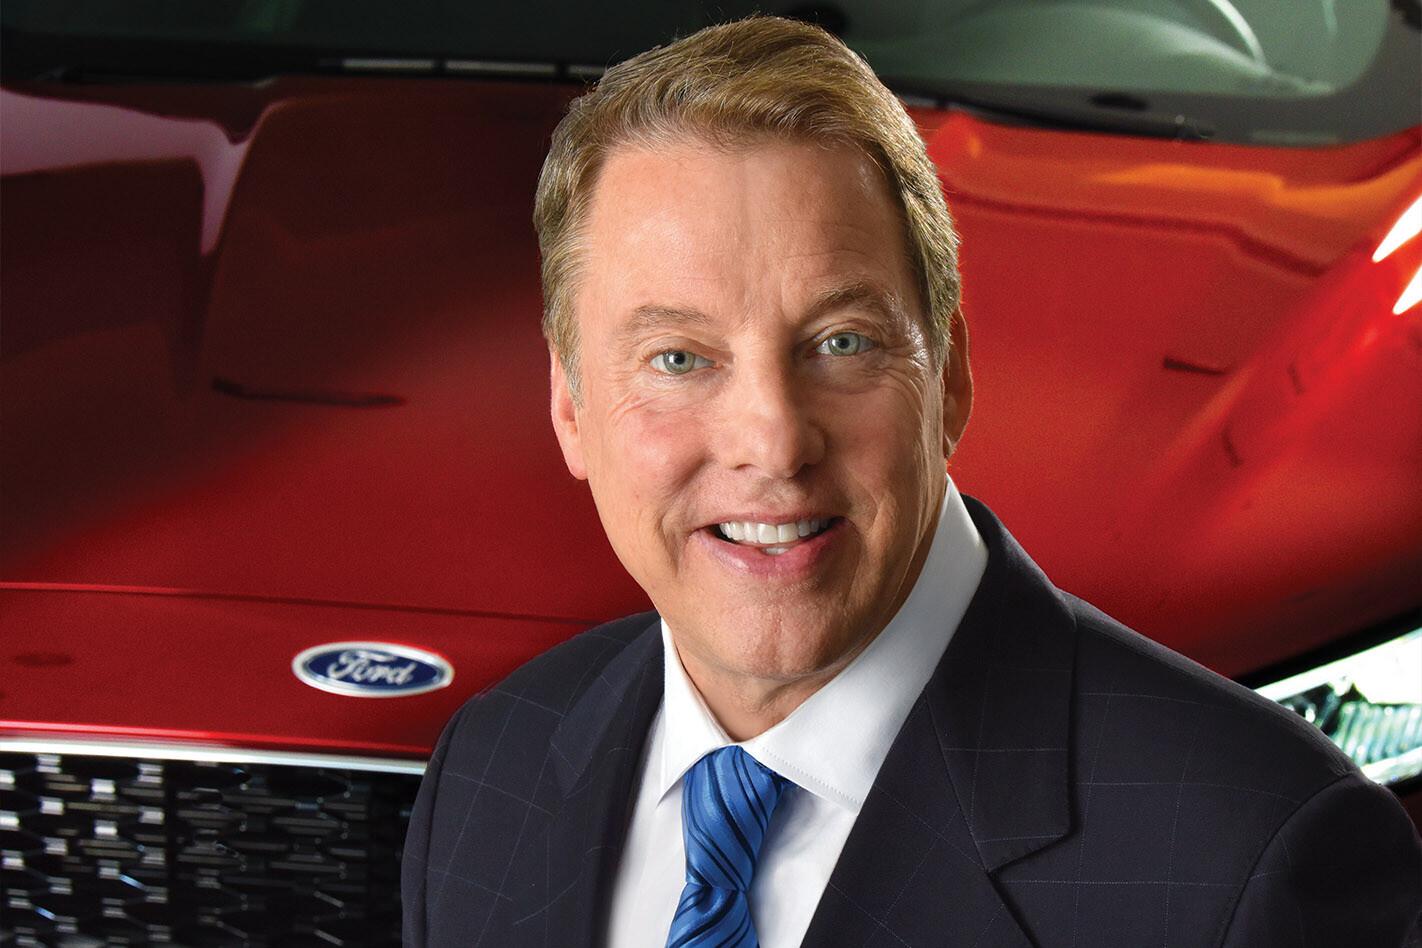 Bill Ford Jpg